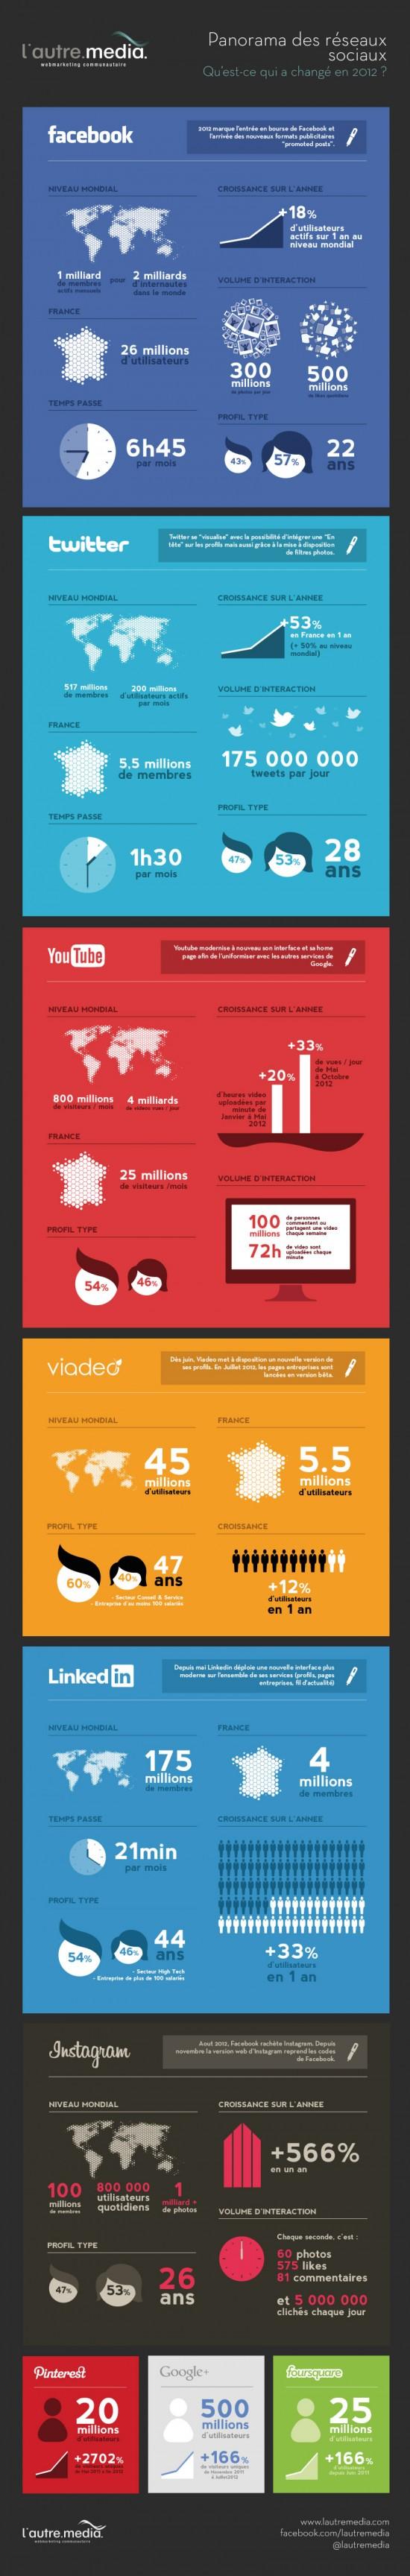 Statistiques des réseaux sociaux en 2012 dans Annonces et Infos panorama-reseaux-sociaux-550x3456